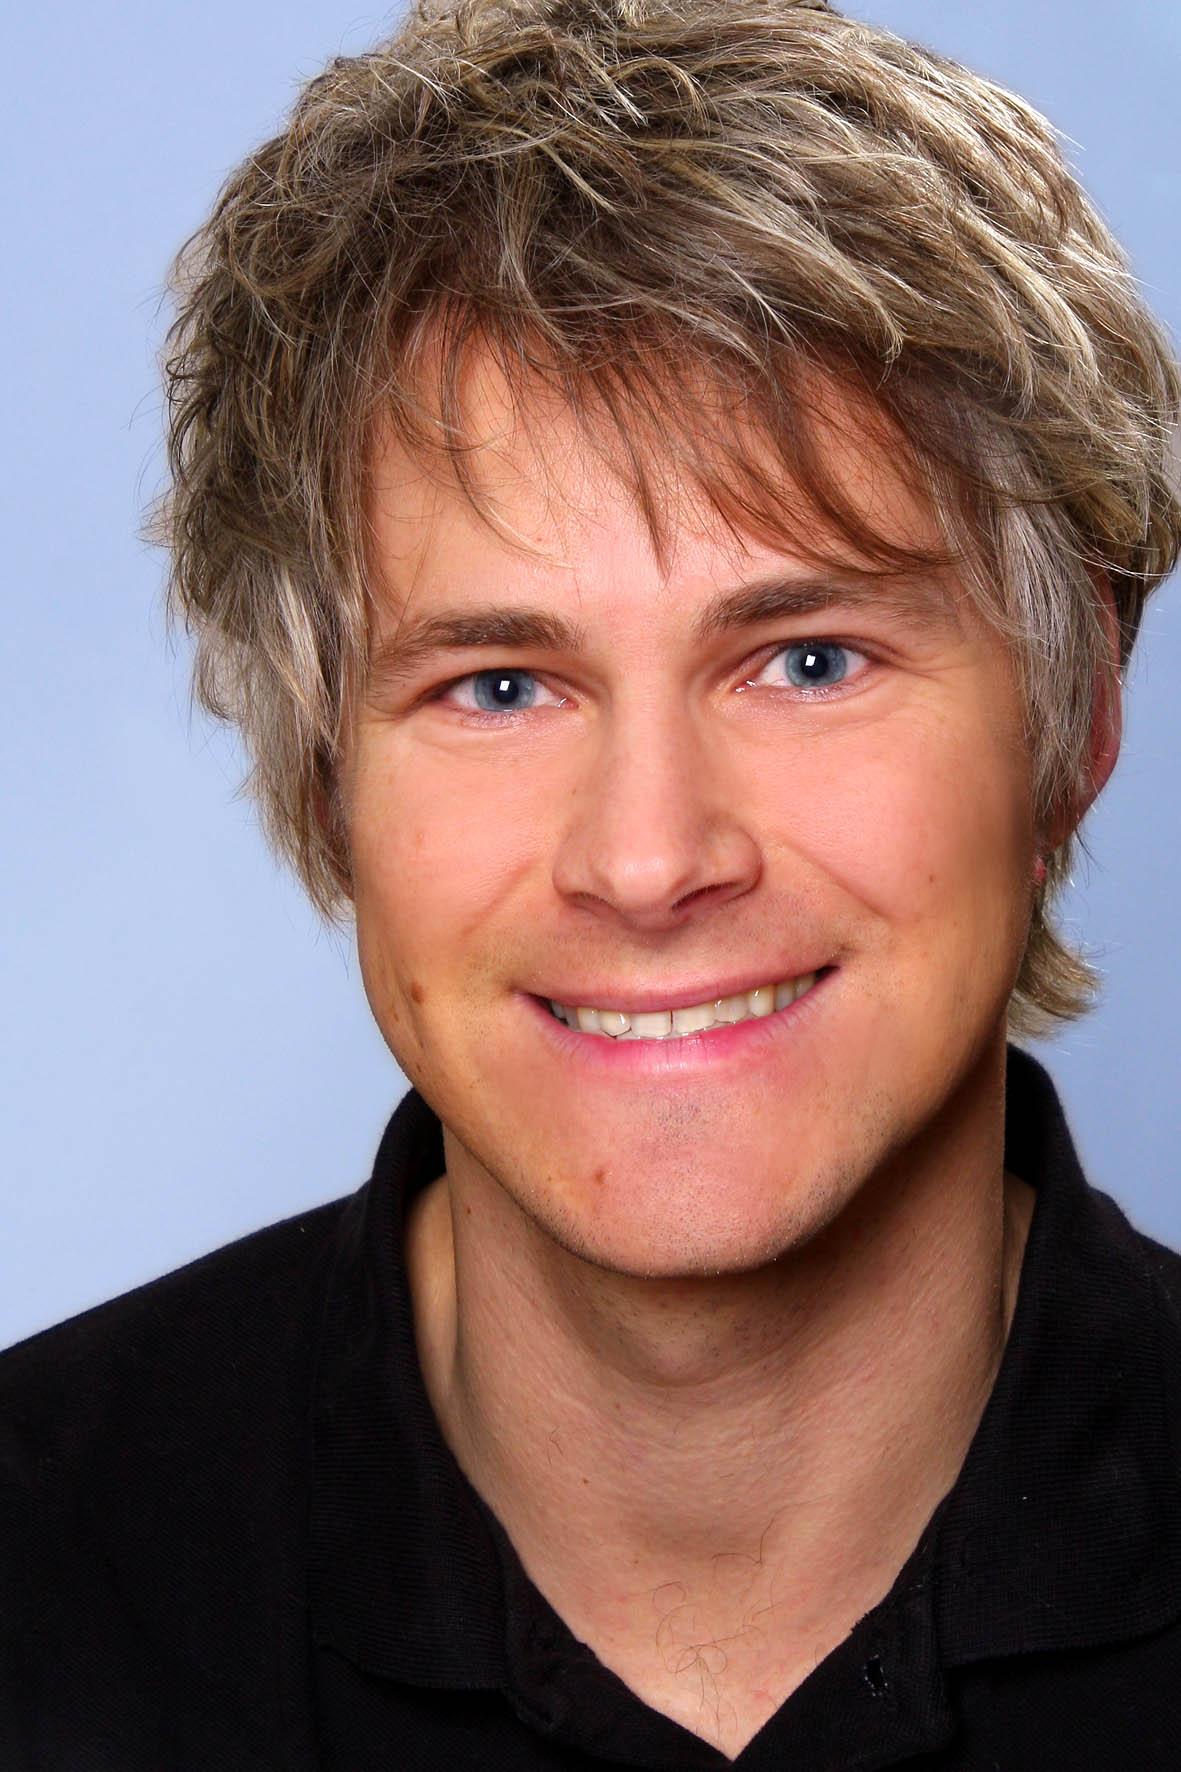 Gregor Teicher